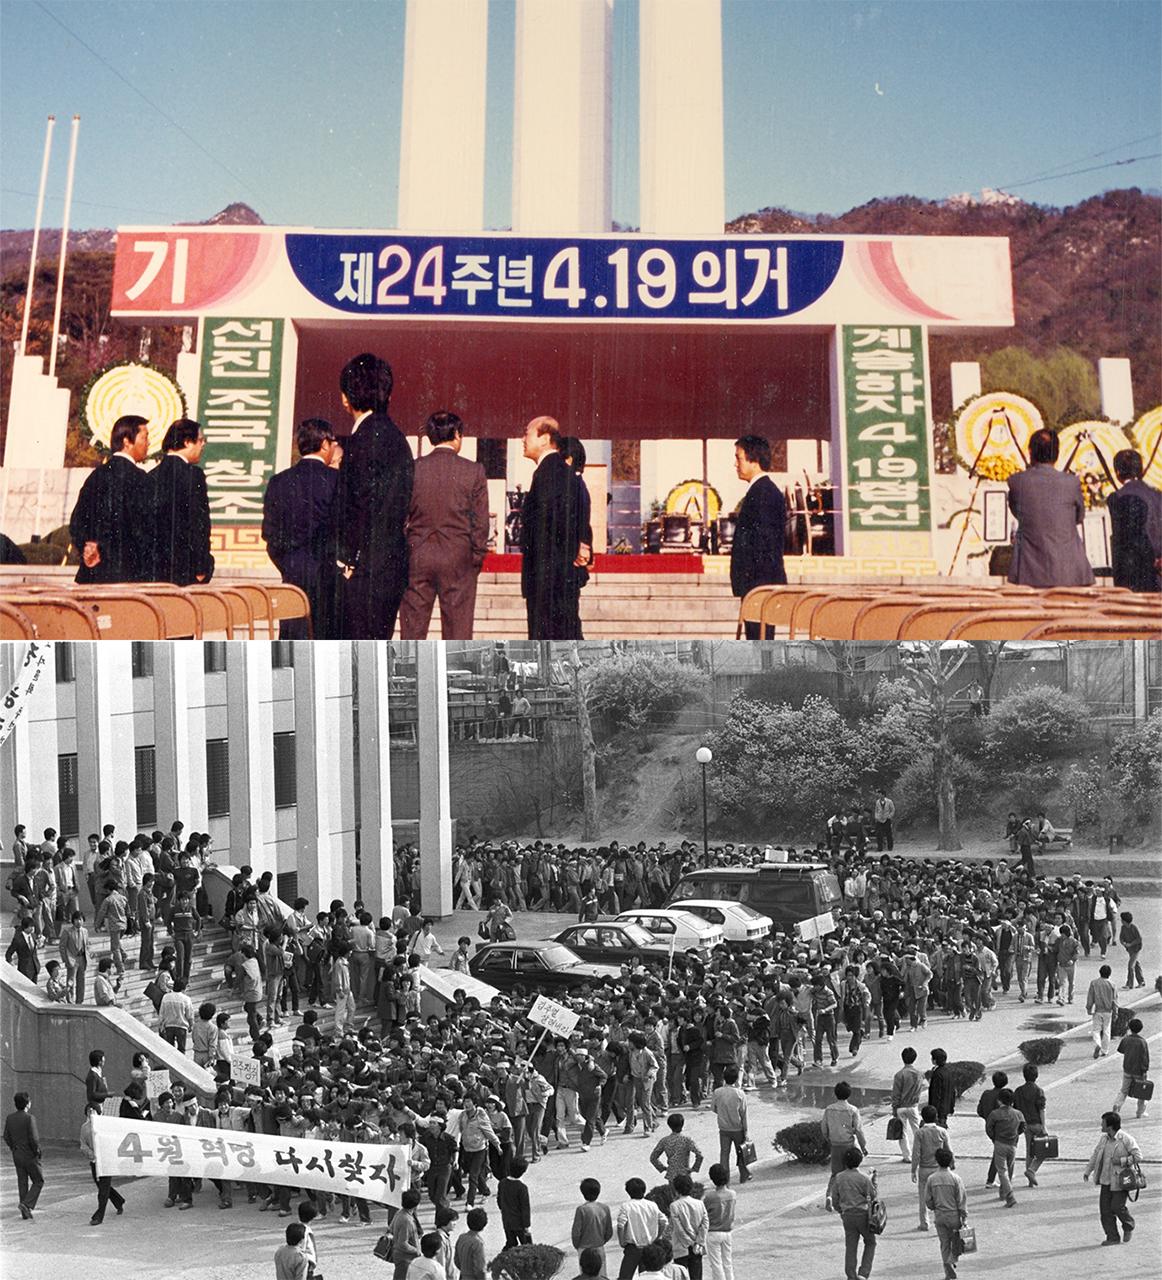 (위) 1984년 정부에서 개최한 기념식에는 4·19를 '의거'라고 표기했으나 (아래) 같은 해 고려대에서 연 4·19 당시를 재현한 모의시위에서 학생들은 '4월 혁명 다시 찾자'는 플래카드를 들고 있다.